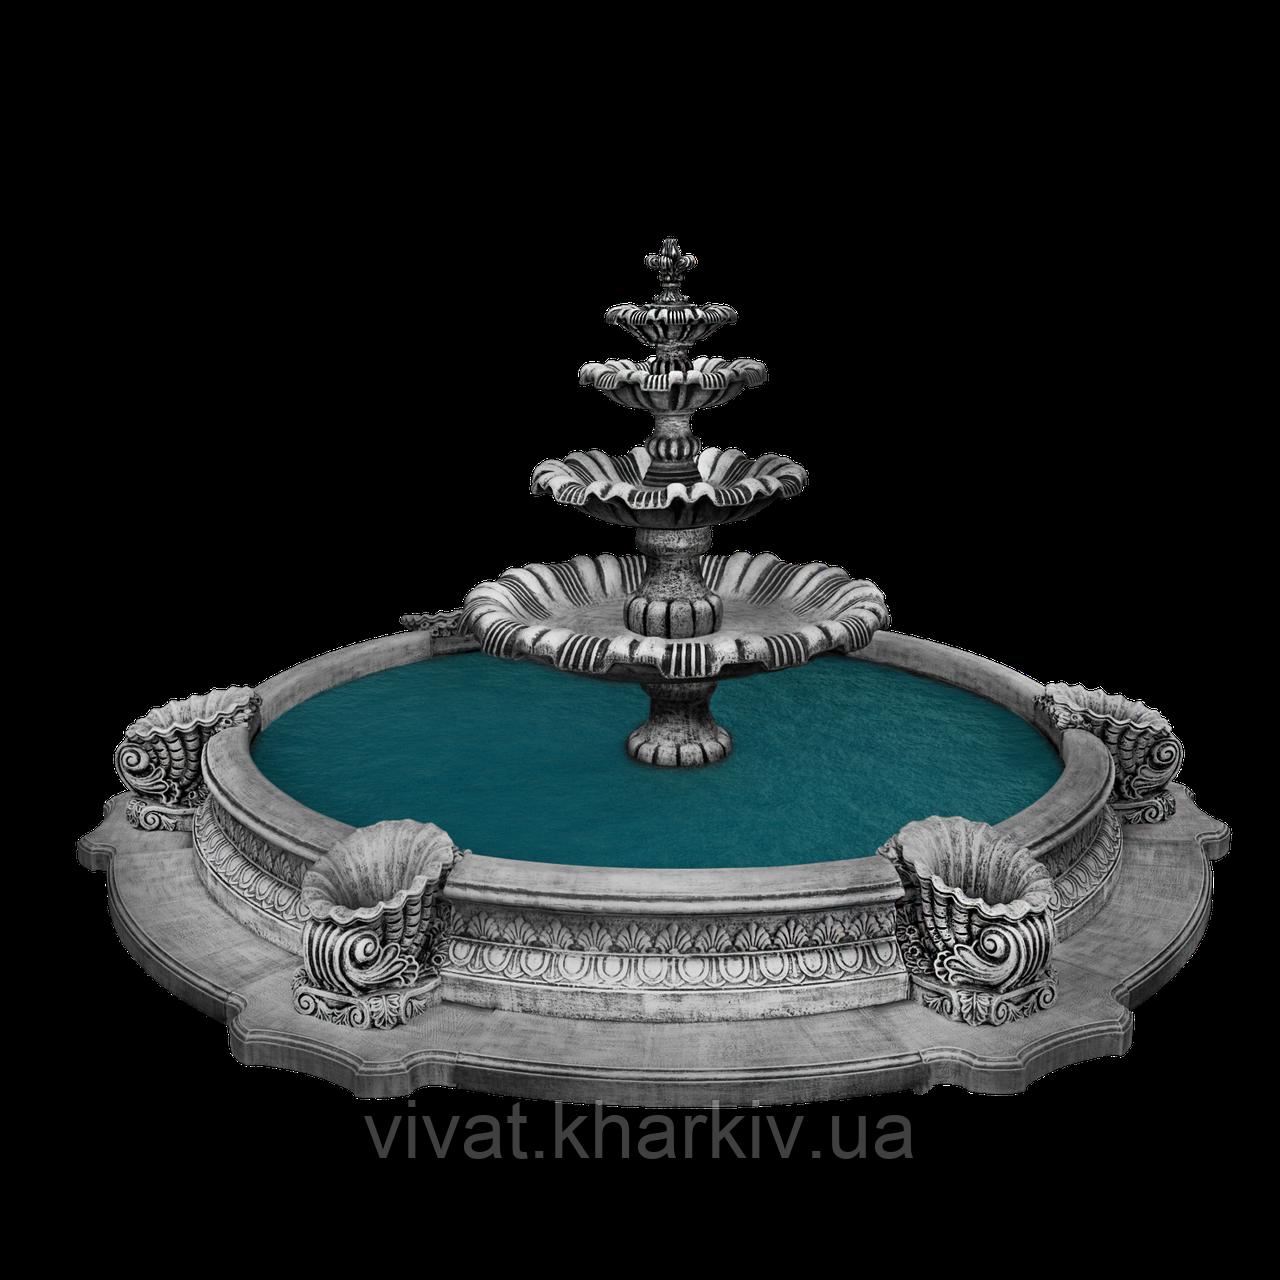 """Садовый фонтан """"Жемчужина"""" в большом бассейне"""